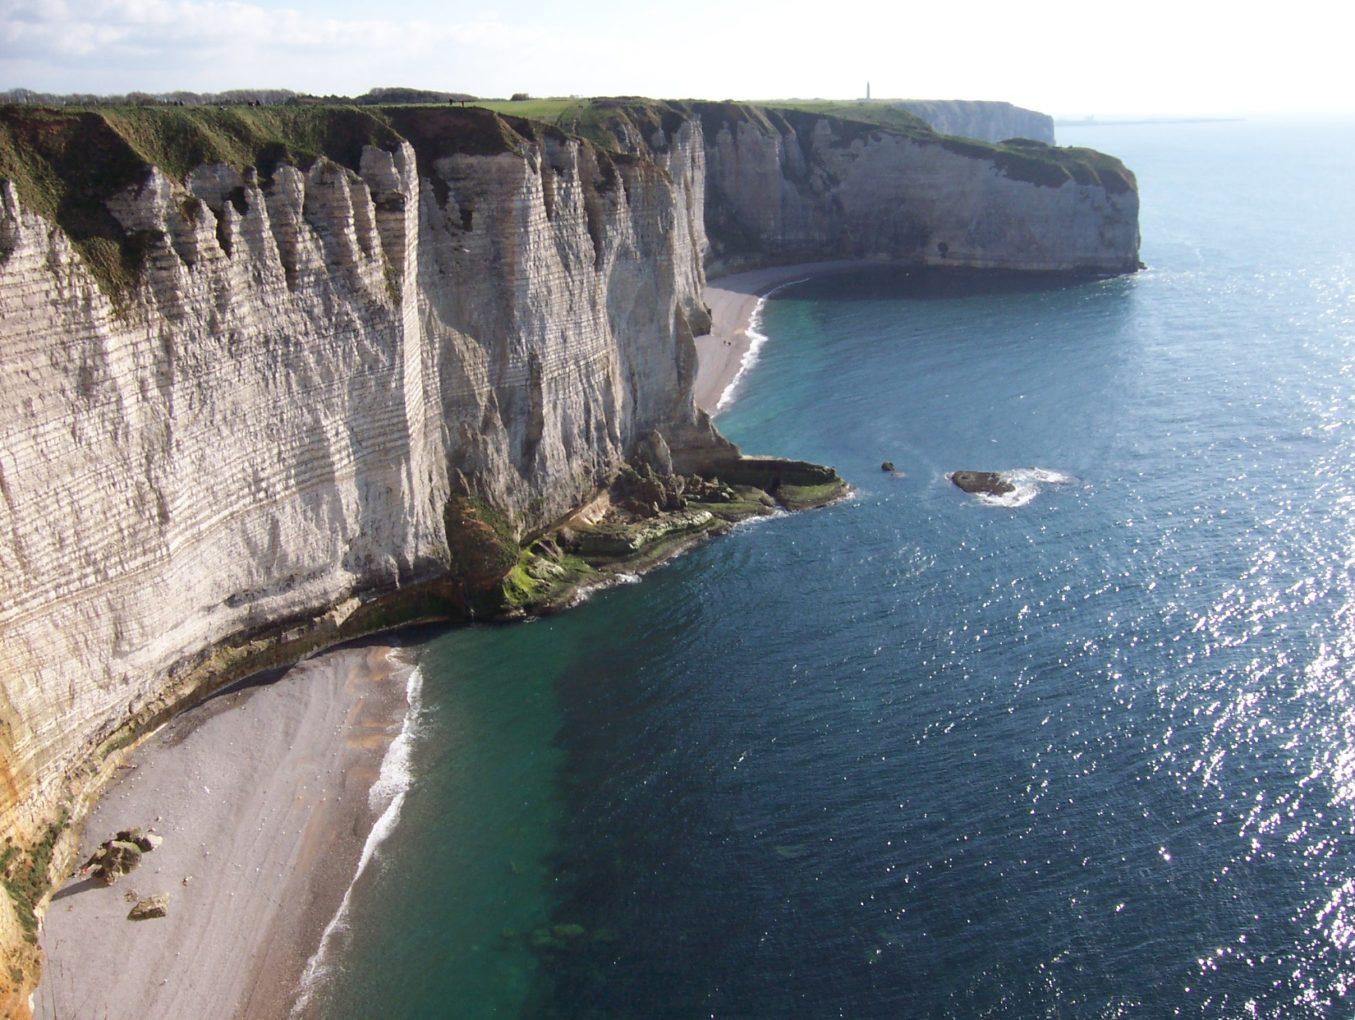 Тур по мотивам «Игры Престолов» планируется запустить в Ирландии